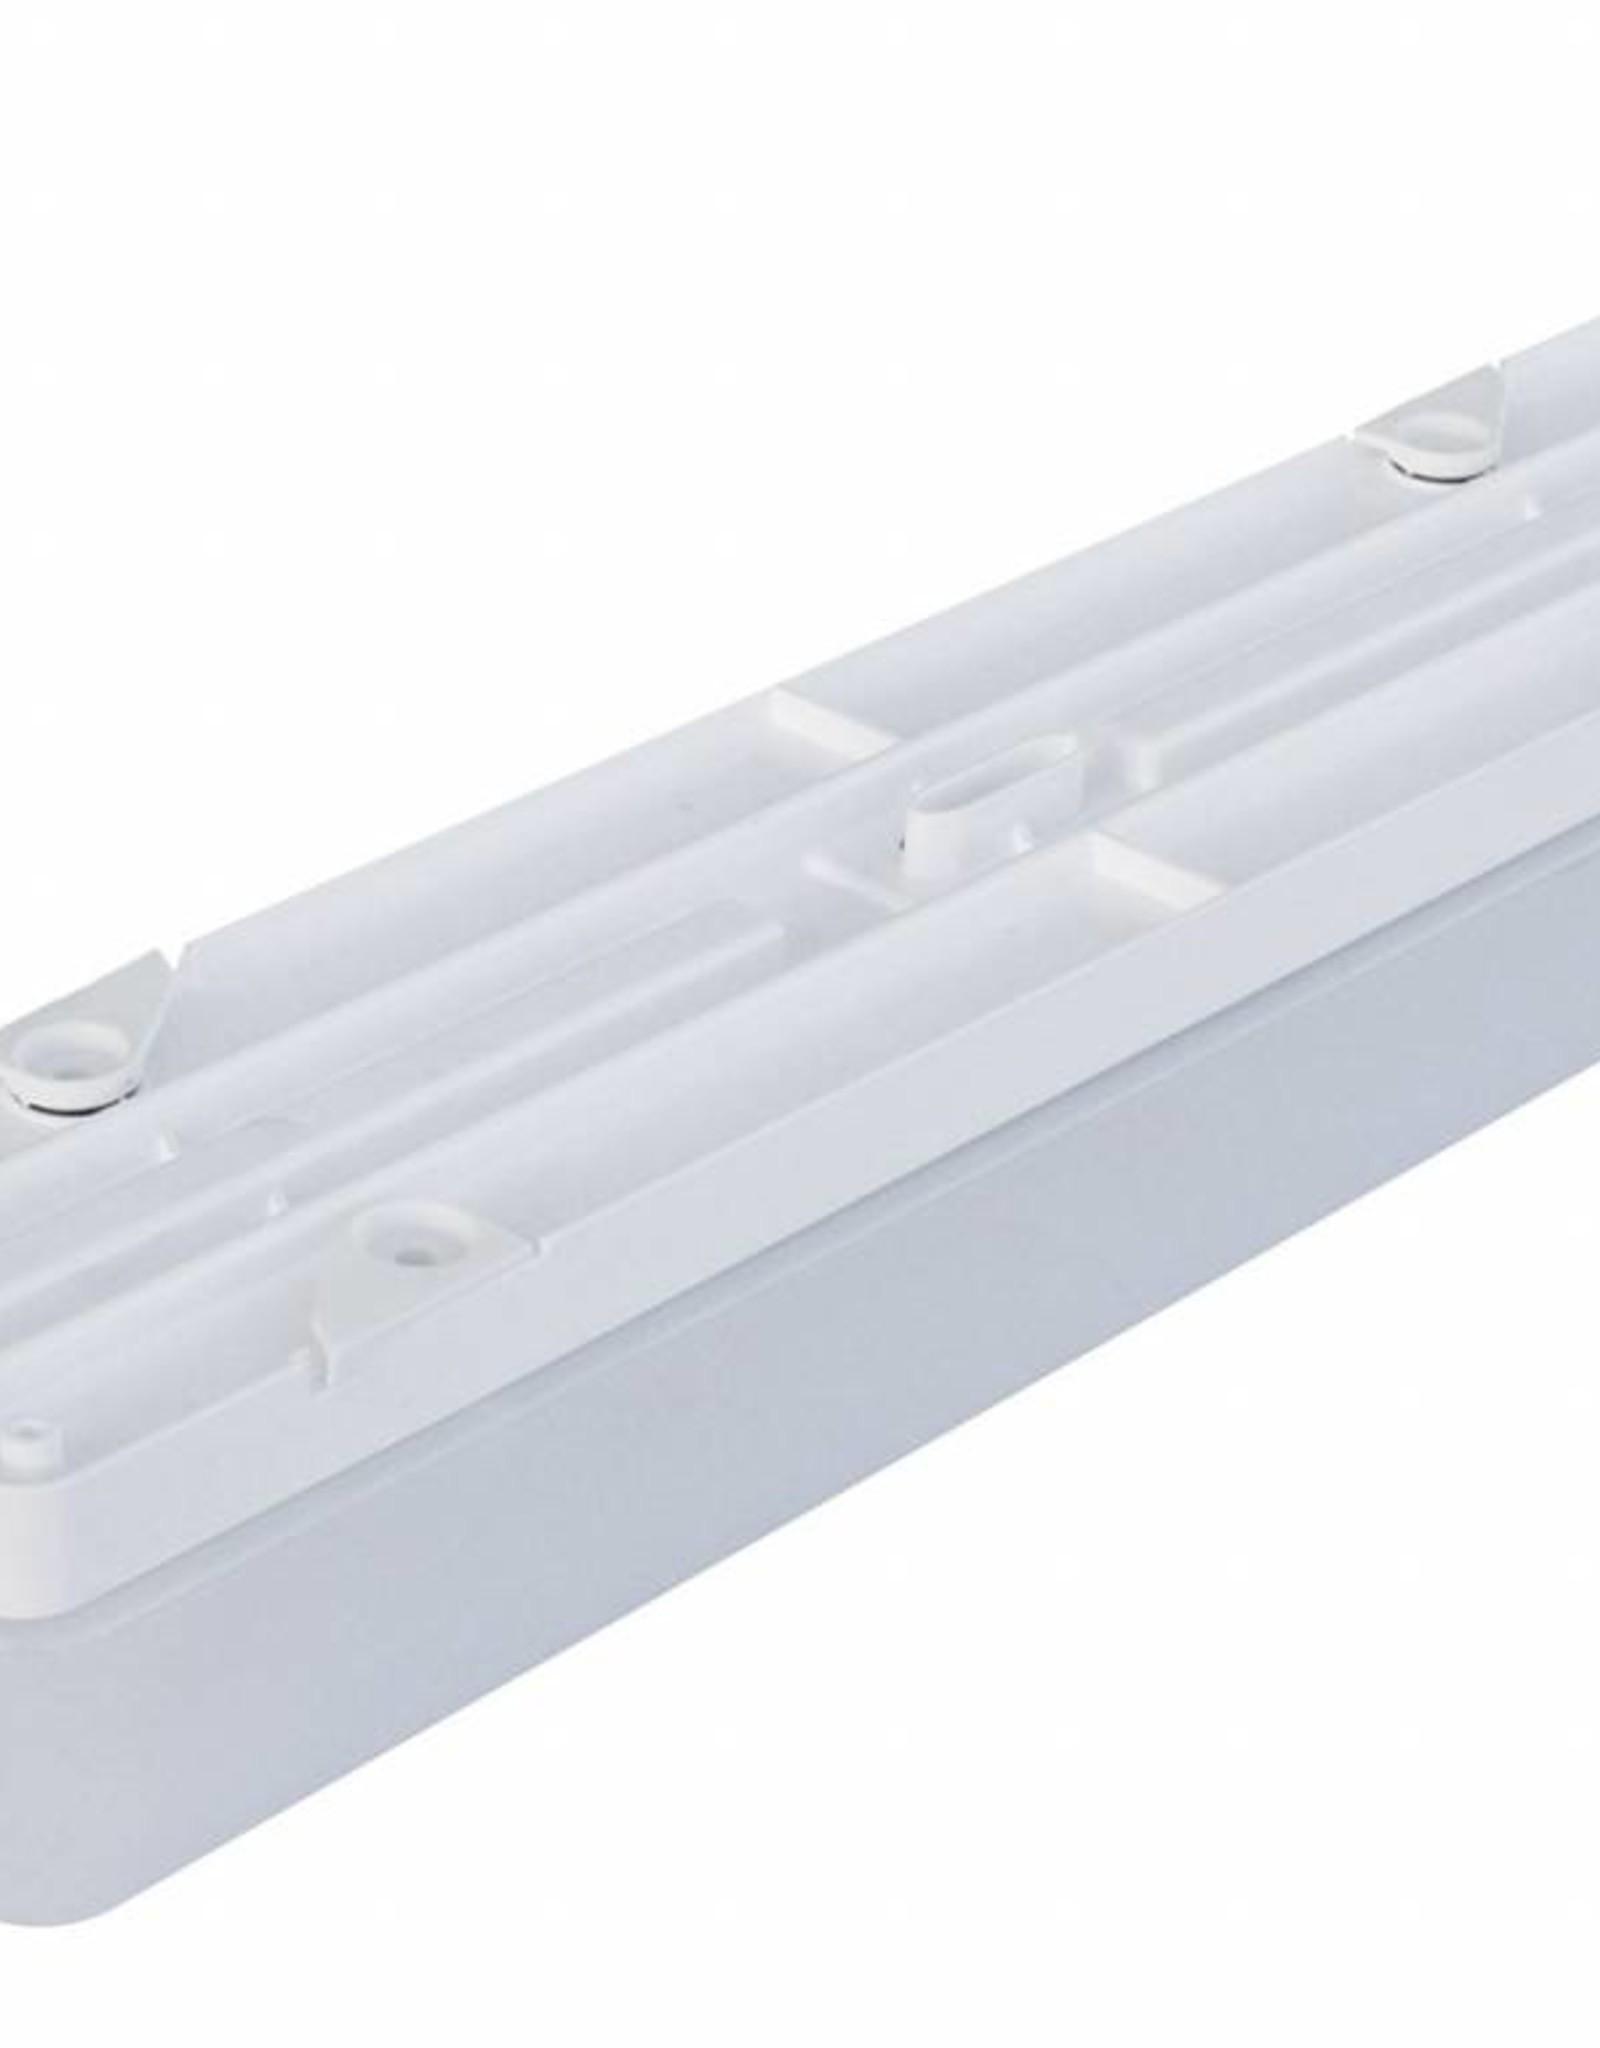 Linea 2.4ft 8800/840 M1h